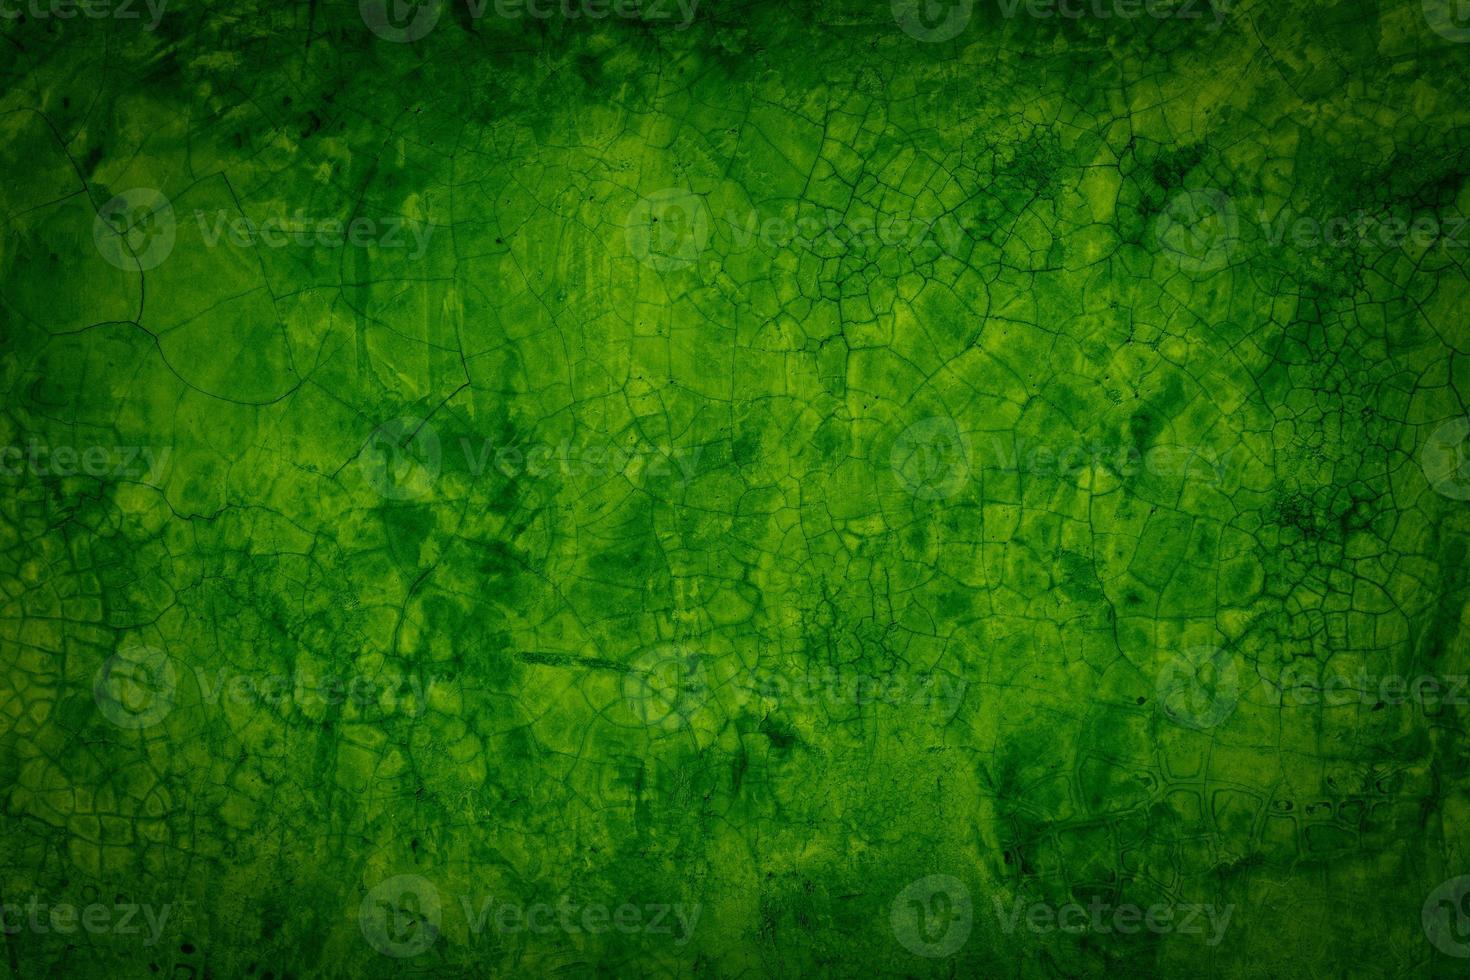 fond vert avec texture photo